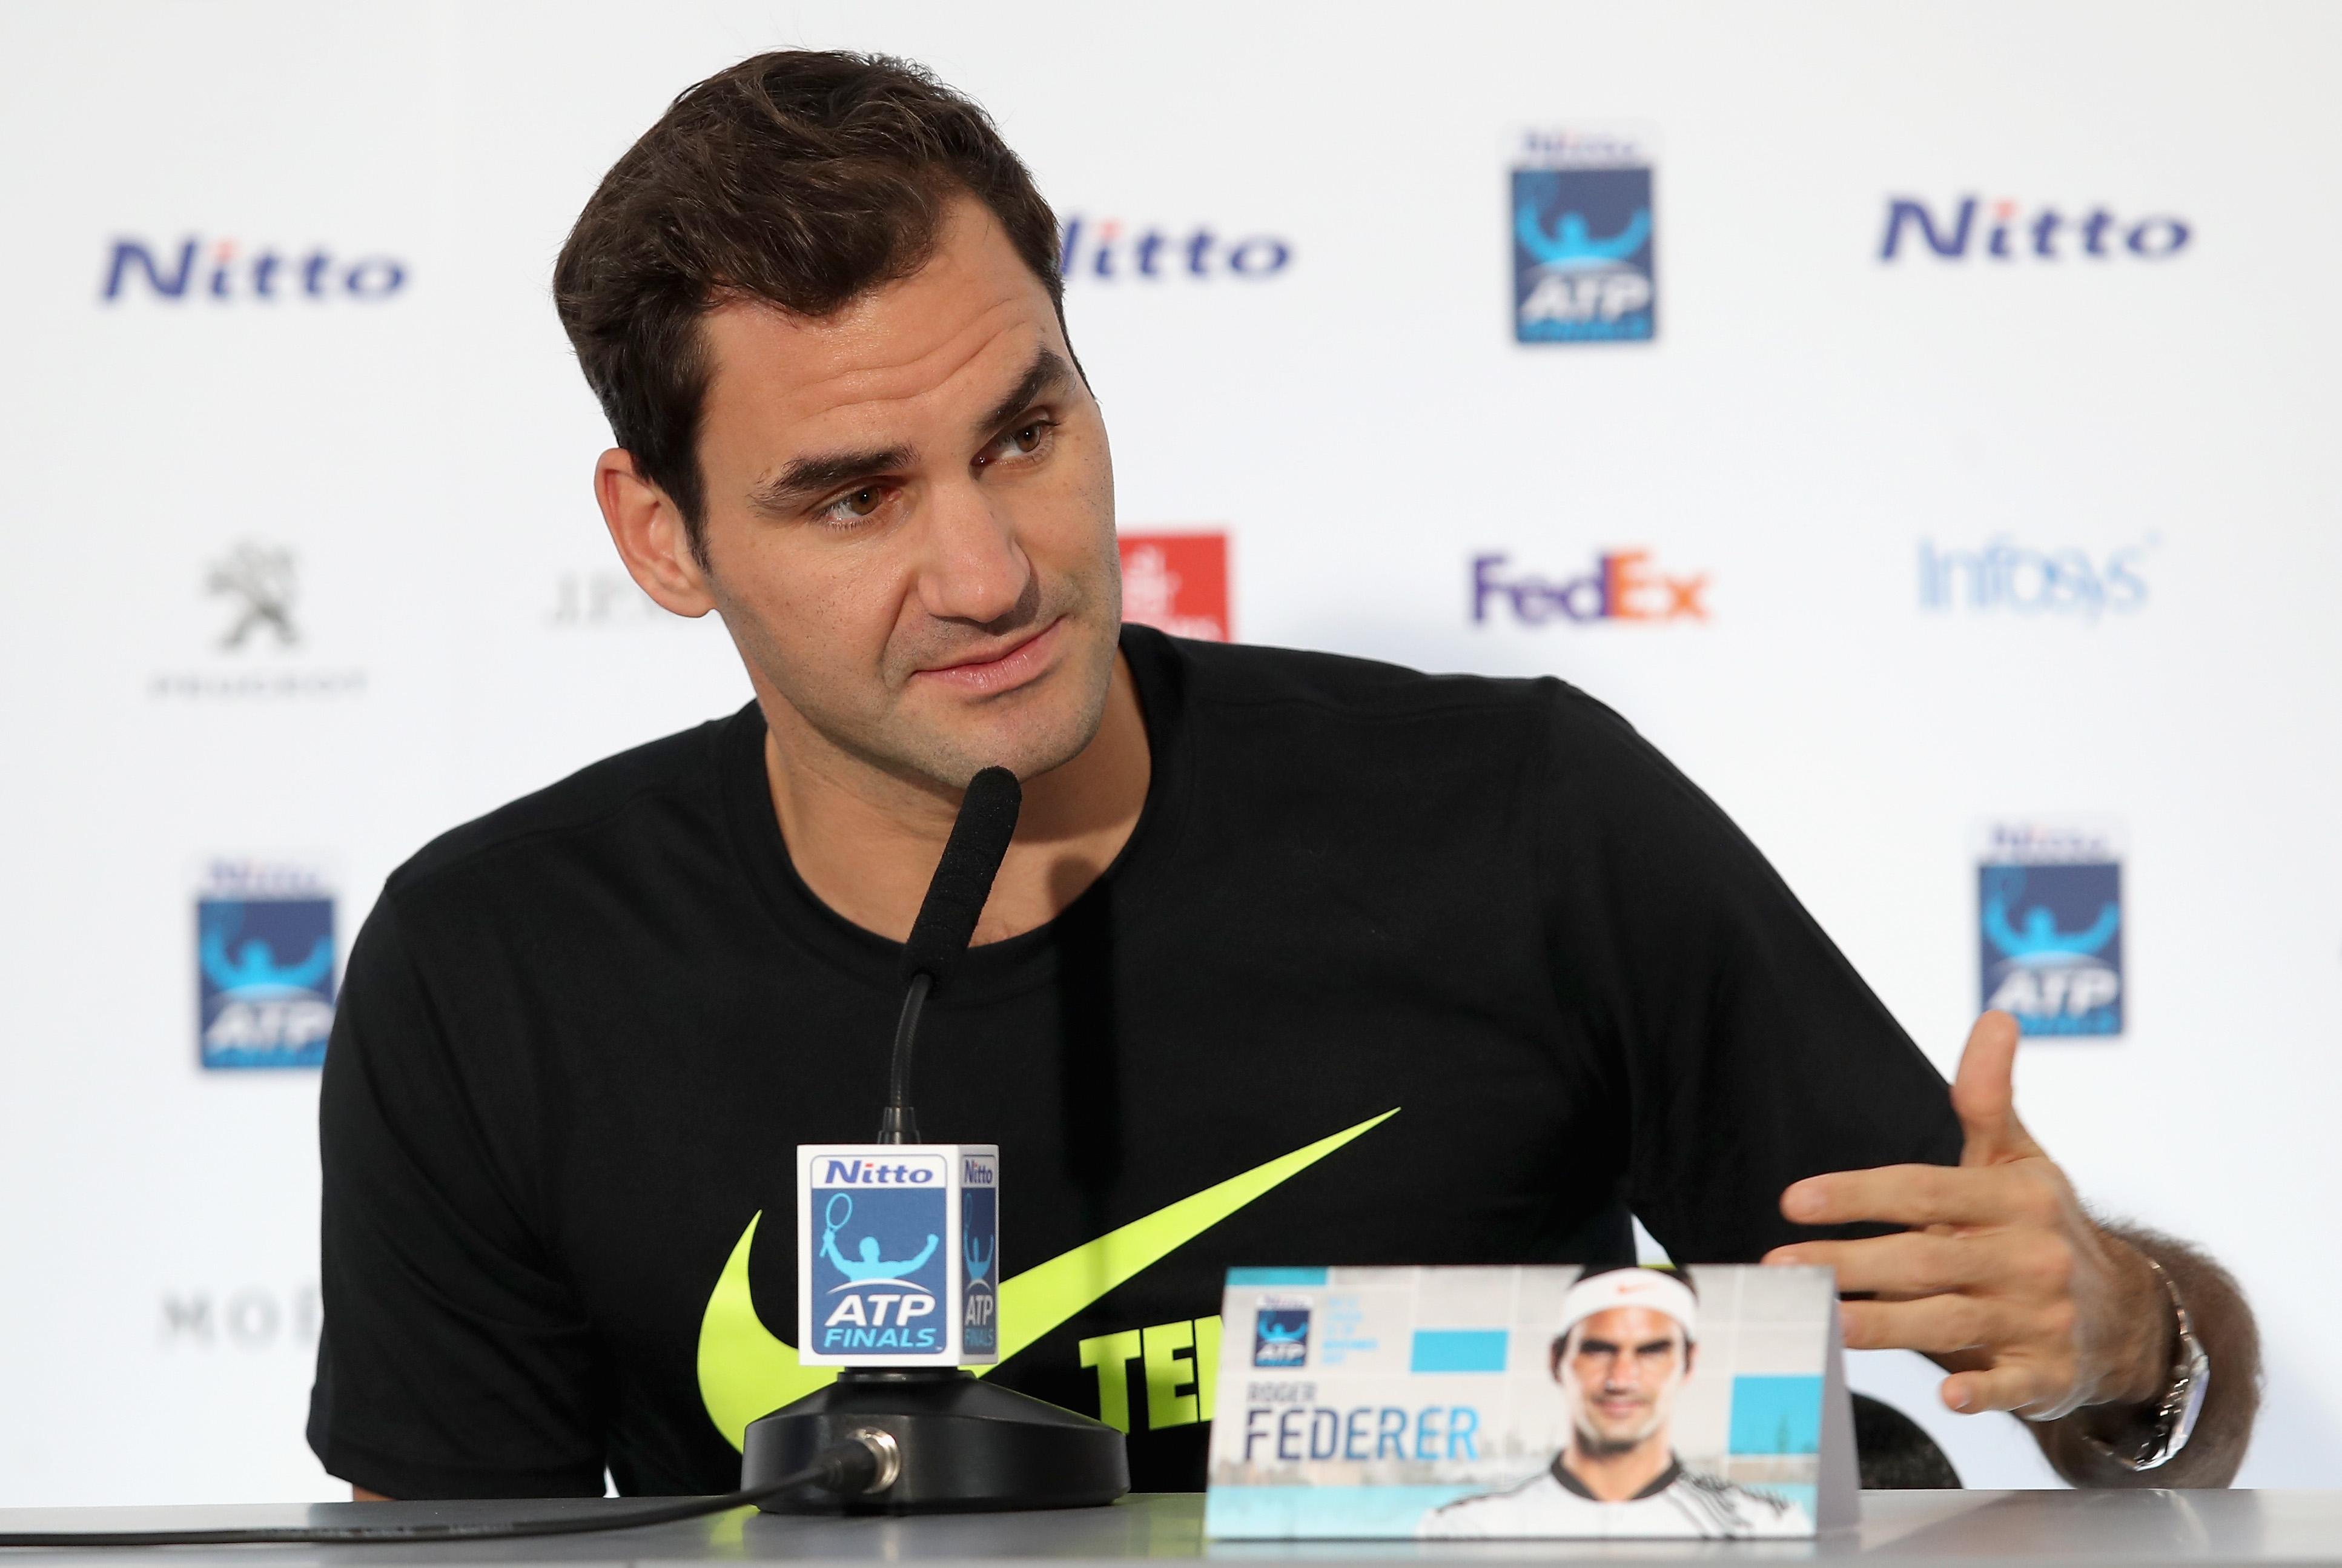 Роджър Федерер сподели всеобщото мнение, че тази година е сред